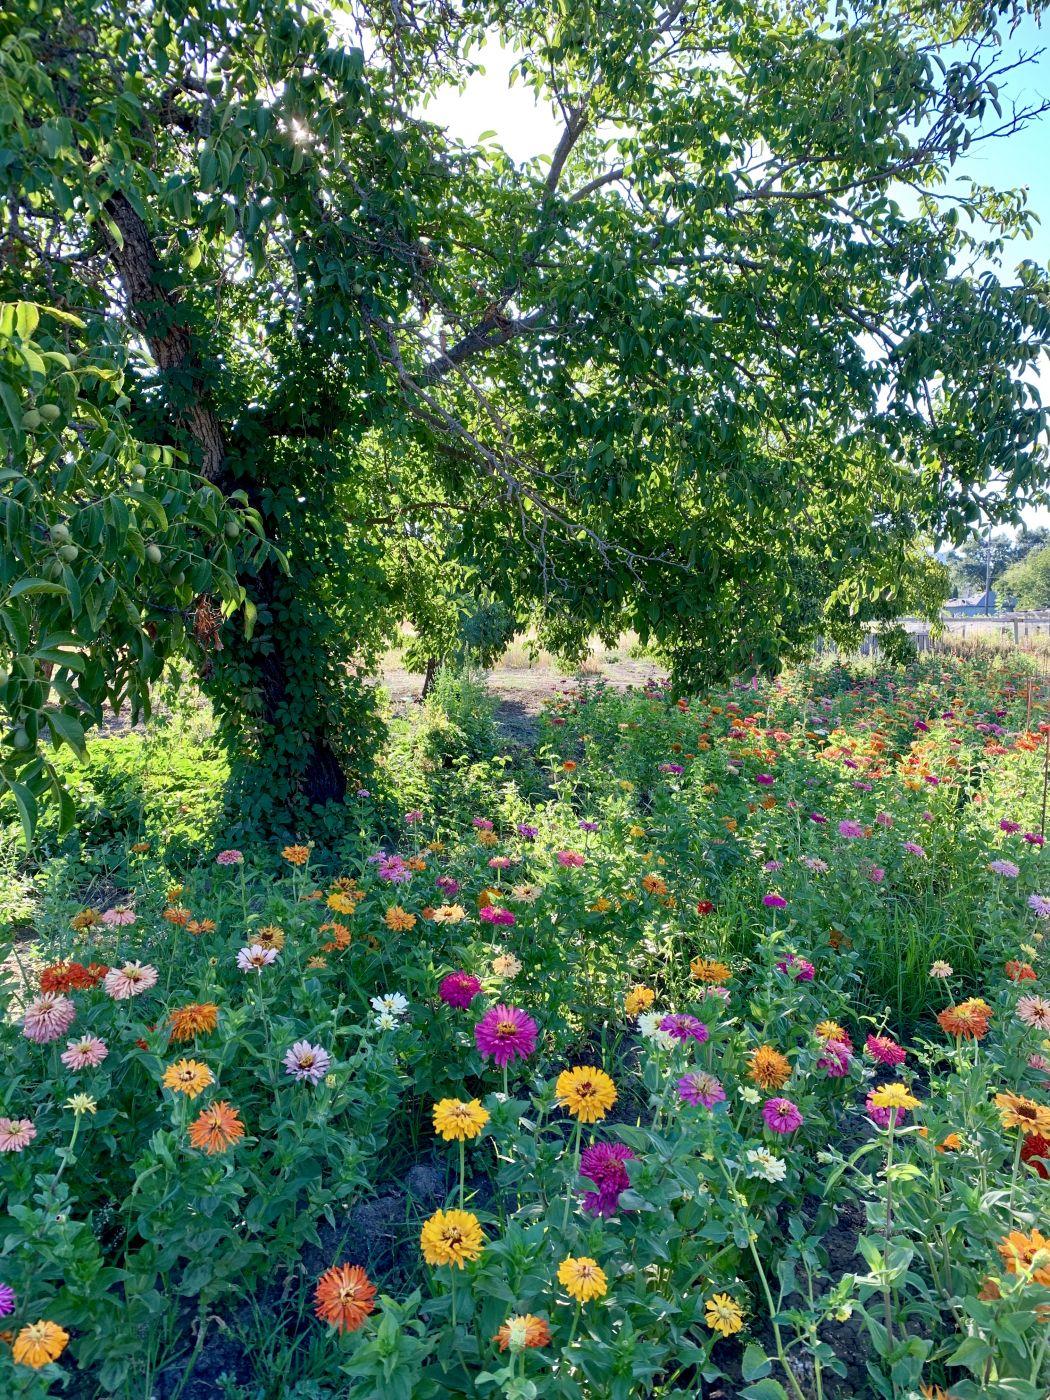 Flowers on the farm, USA